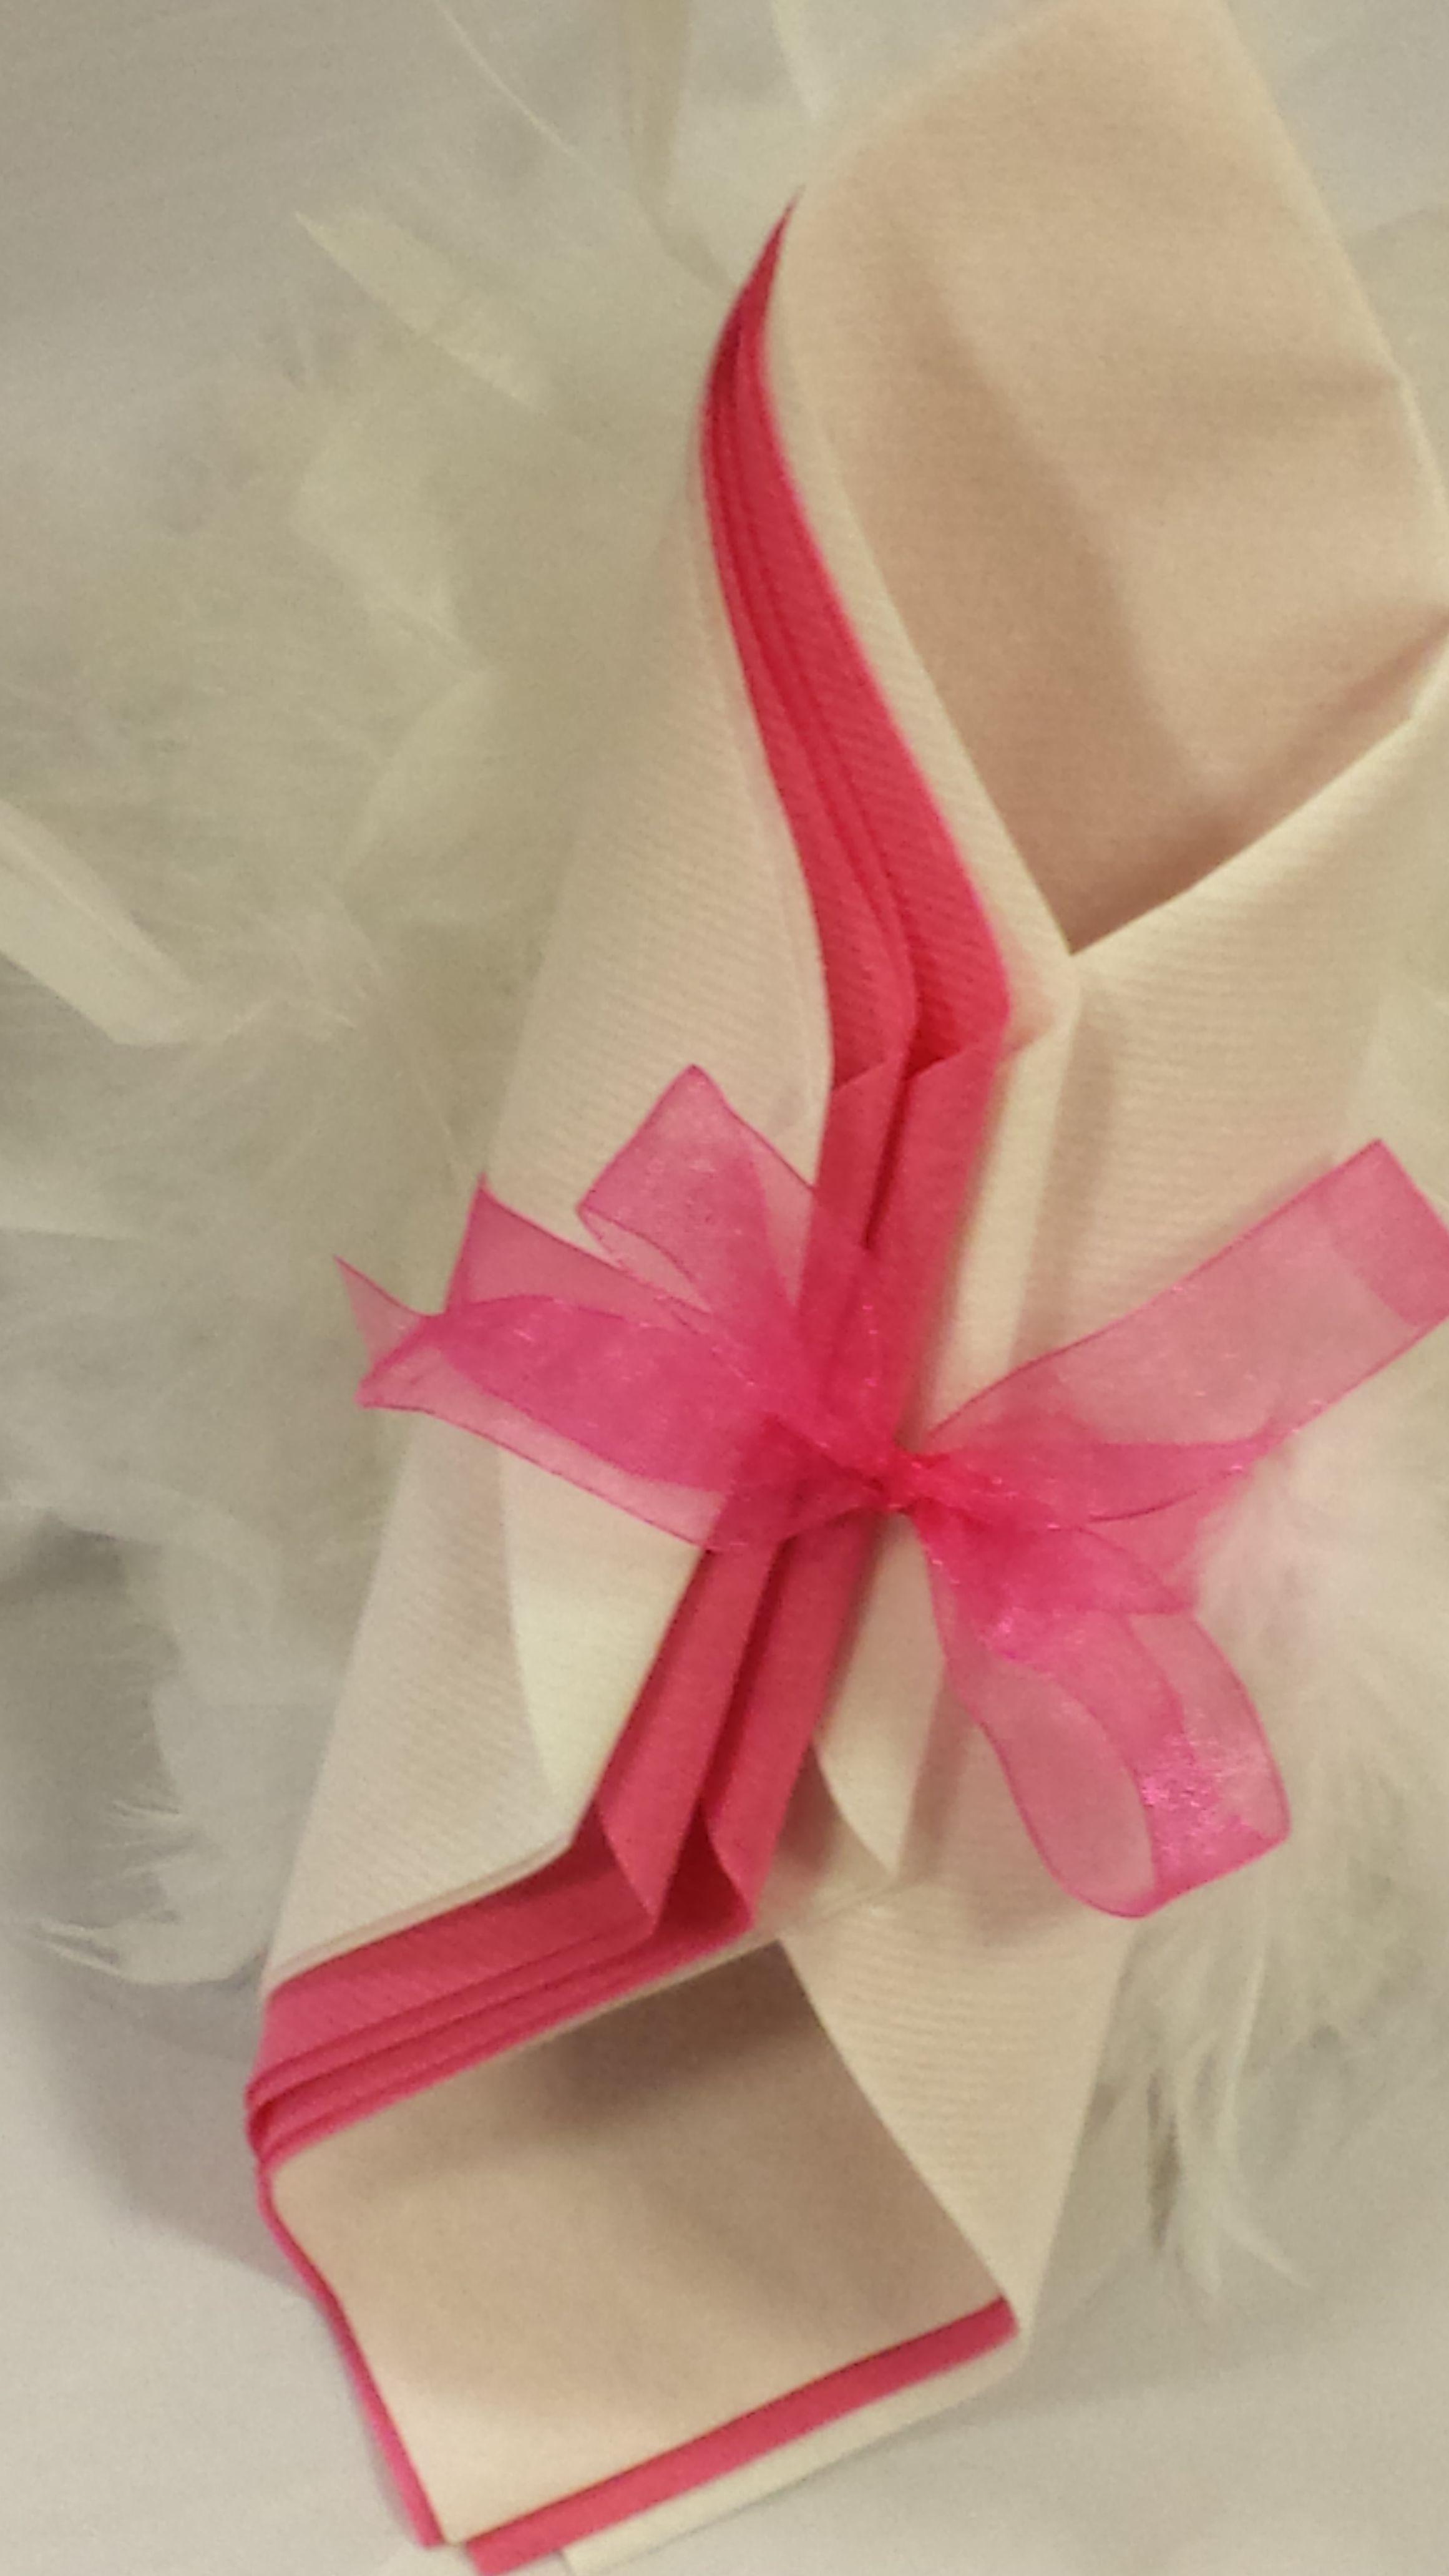 mariage chic rose et blanc pochette pliage de serviettes par inoubliable pinterest mariage. Black Bedroom Furniture Sets. Home Design Ideas